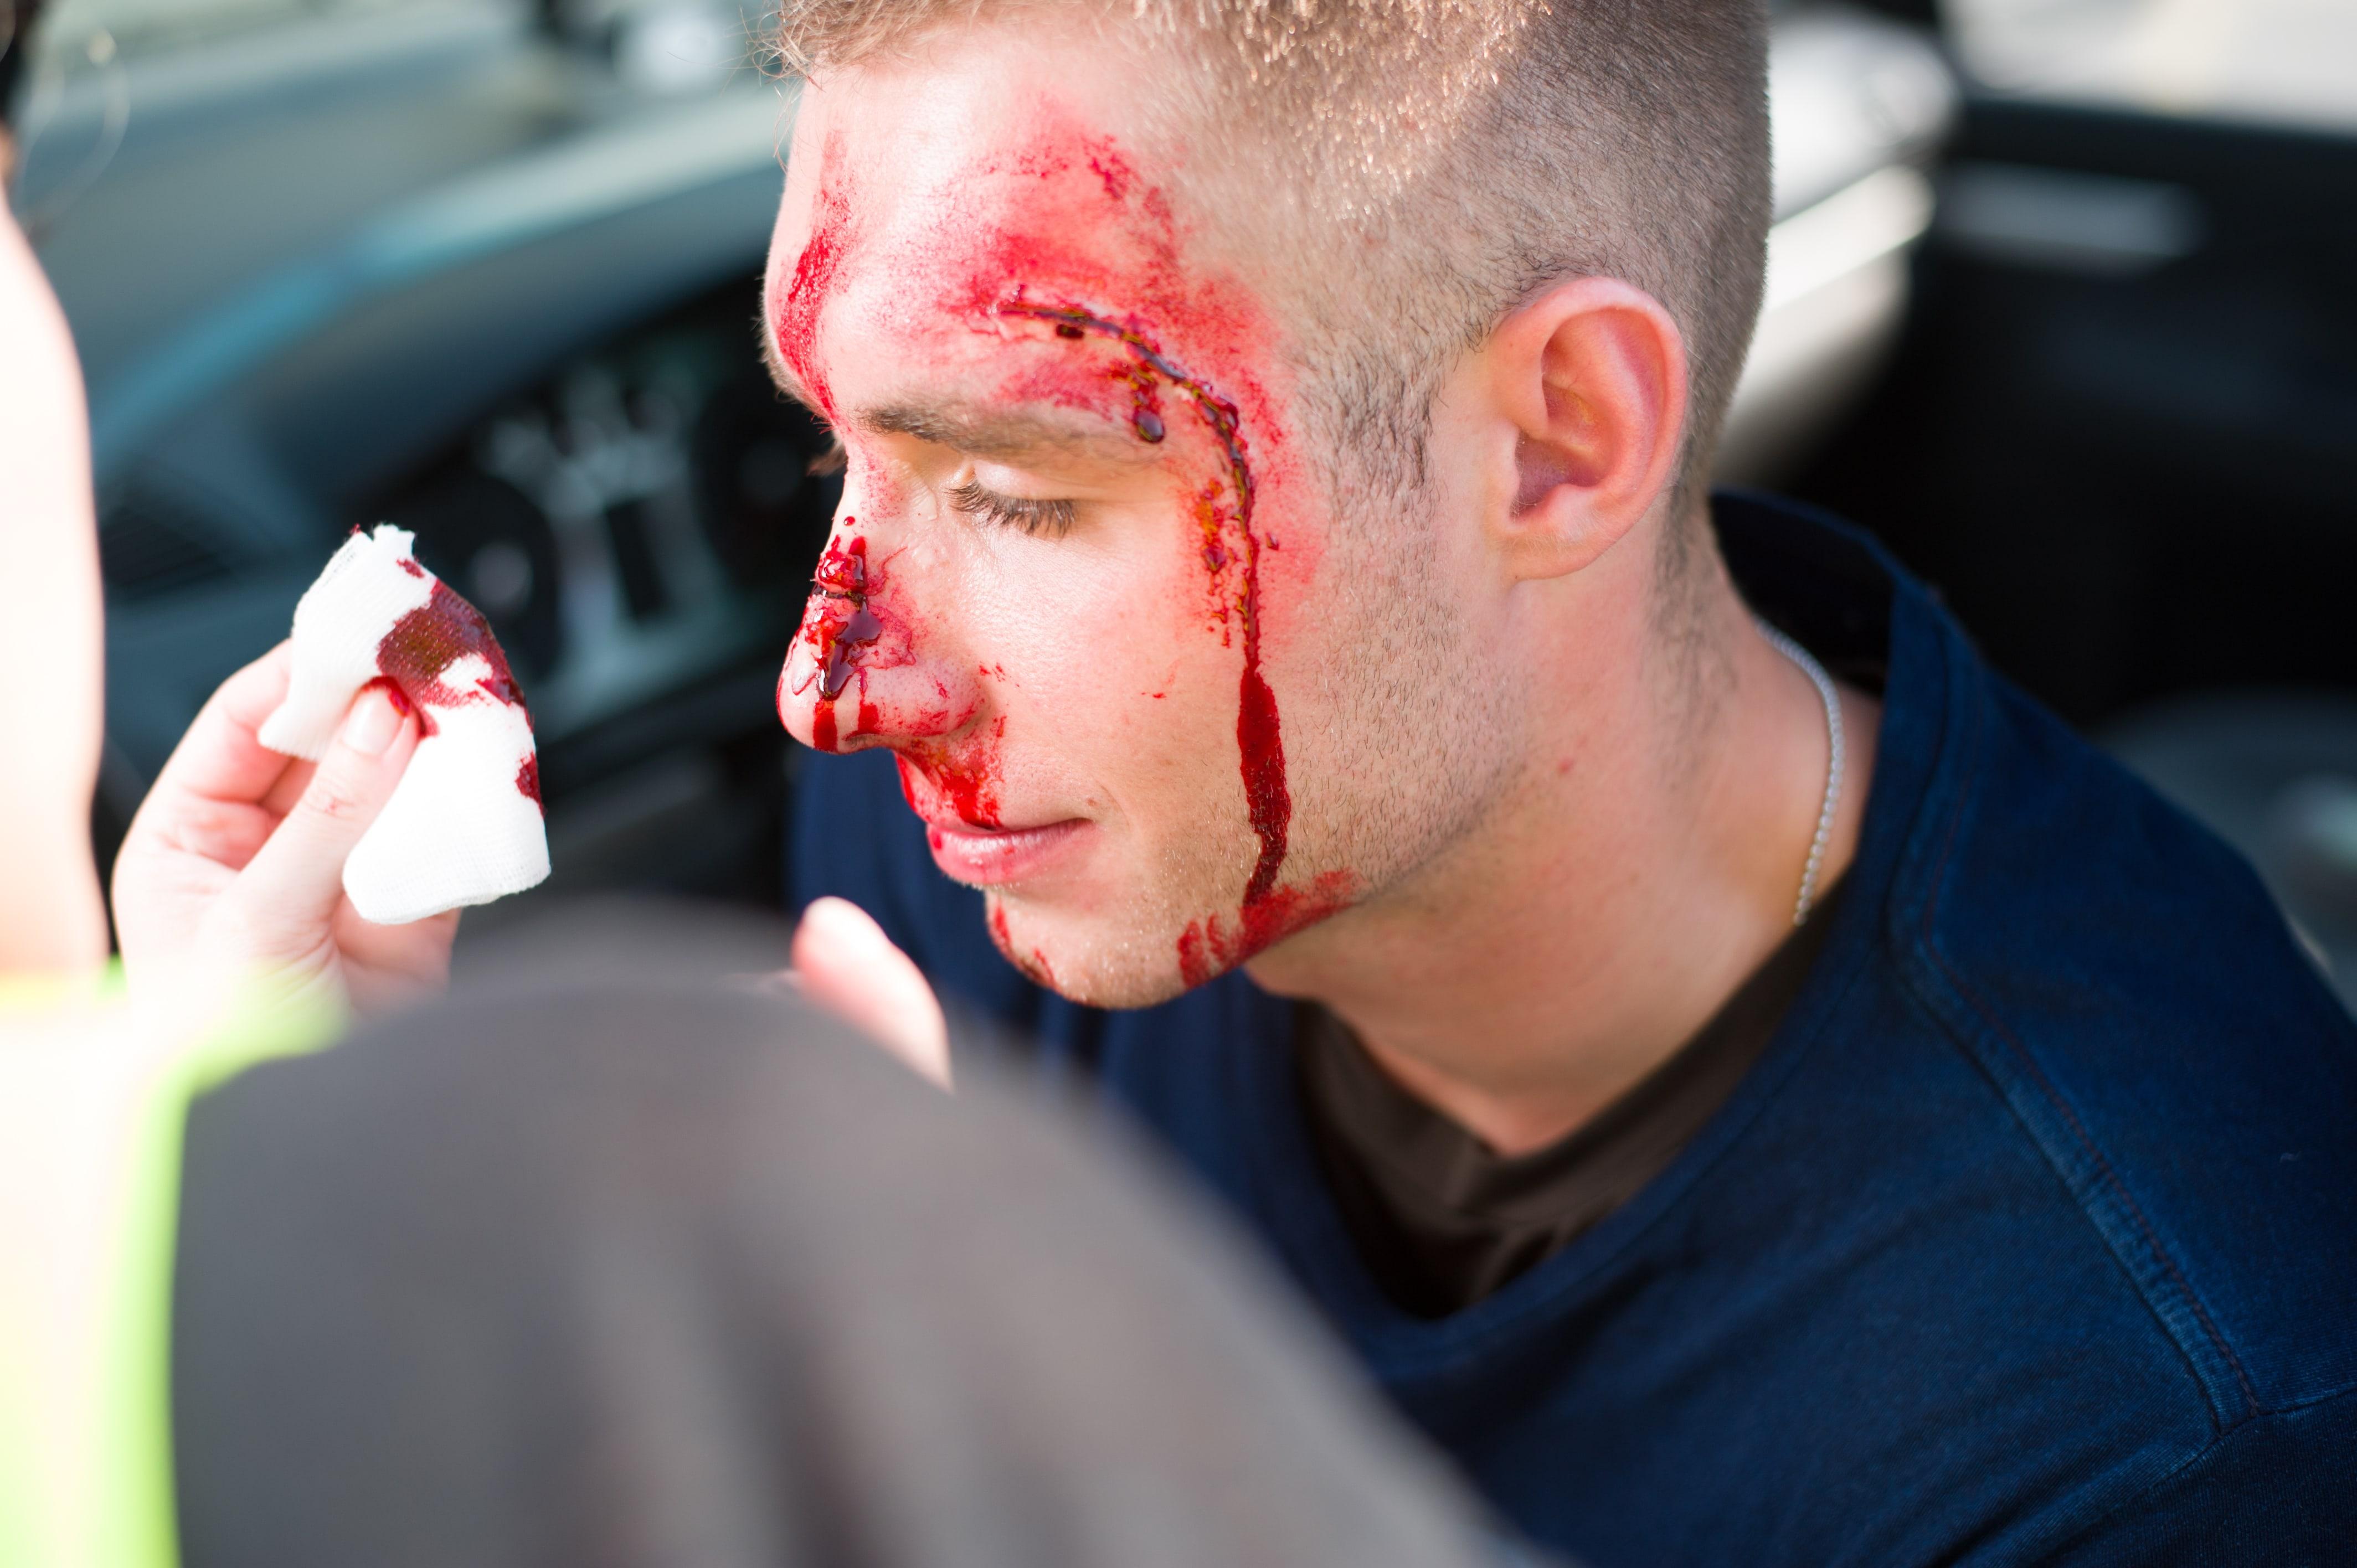 sztuczna krew, charakteryzacja medyczna, pierwsza pomoc uraz nosa, wypadek